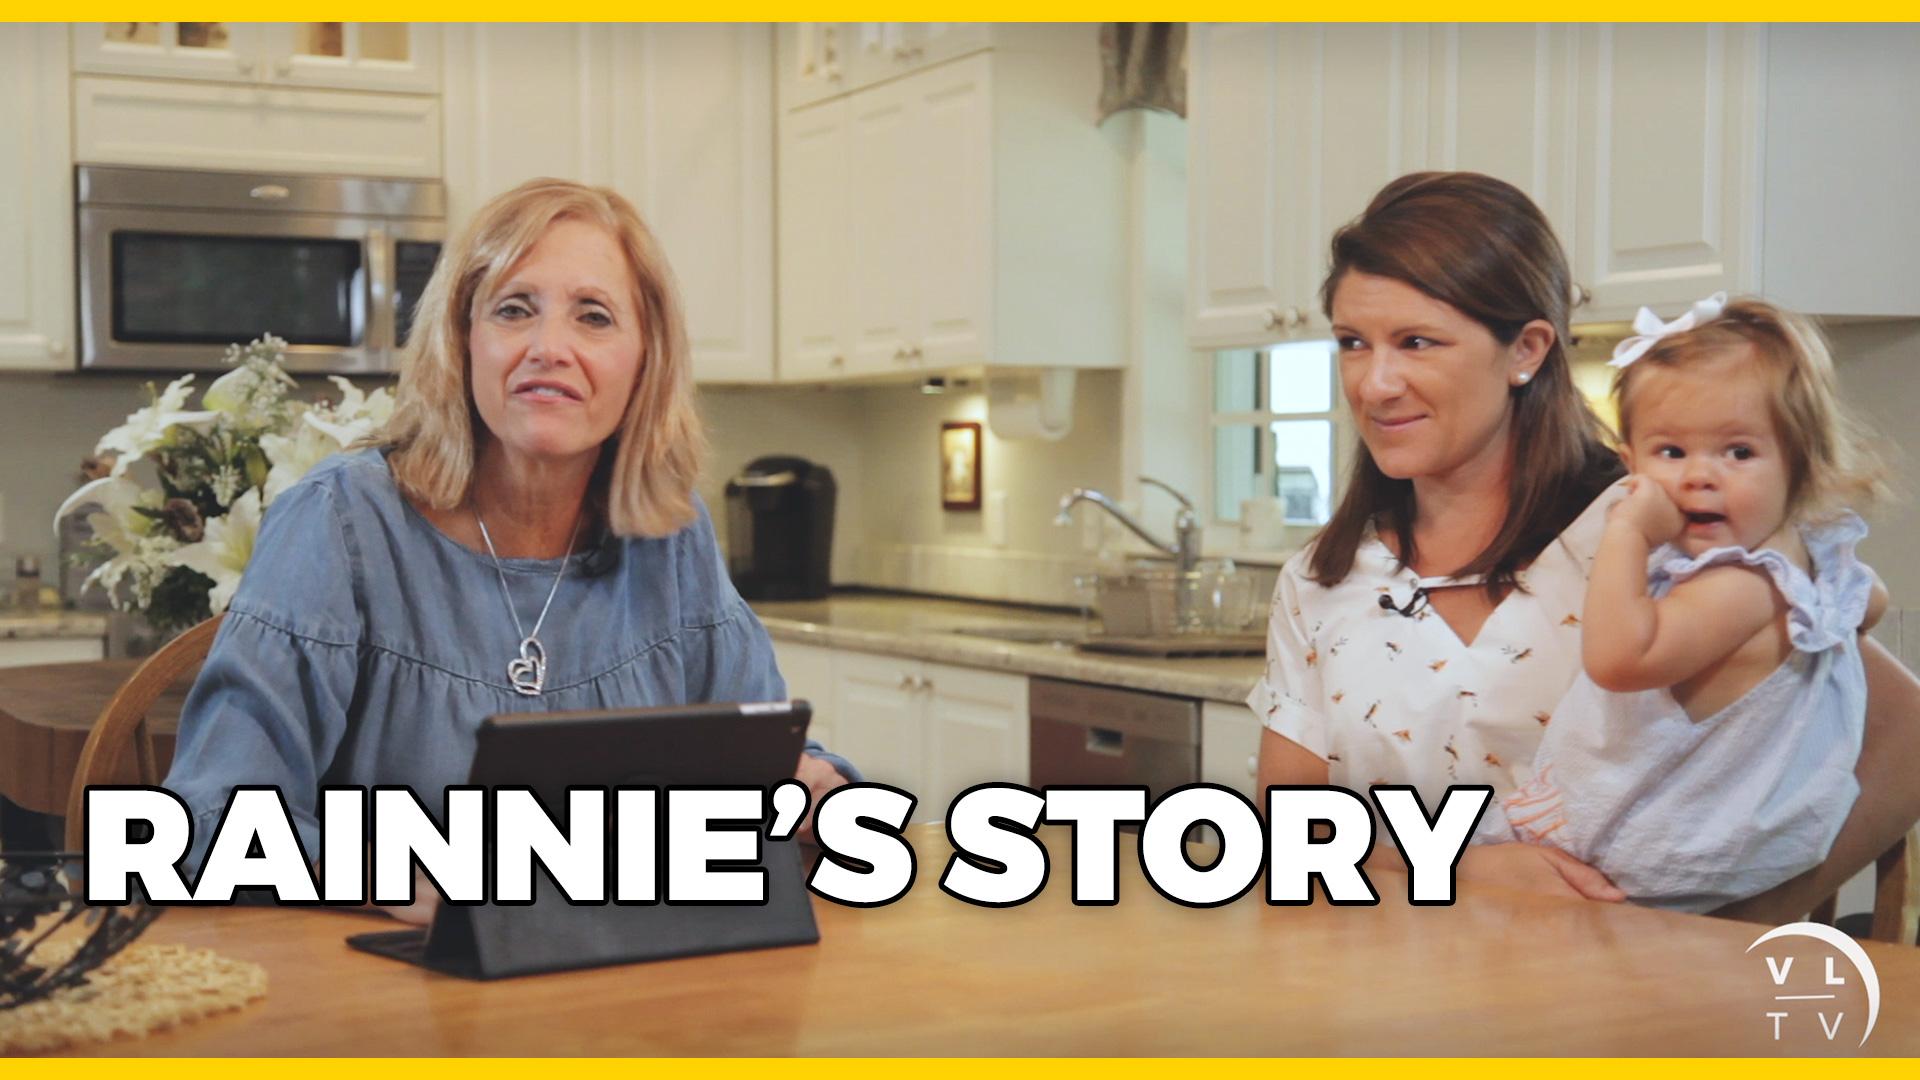 Rainnie's Story